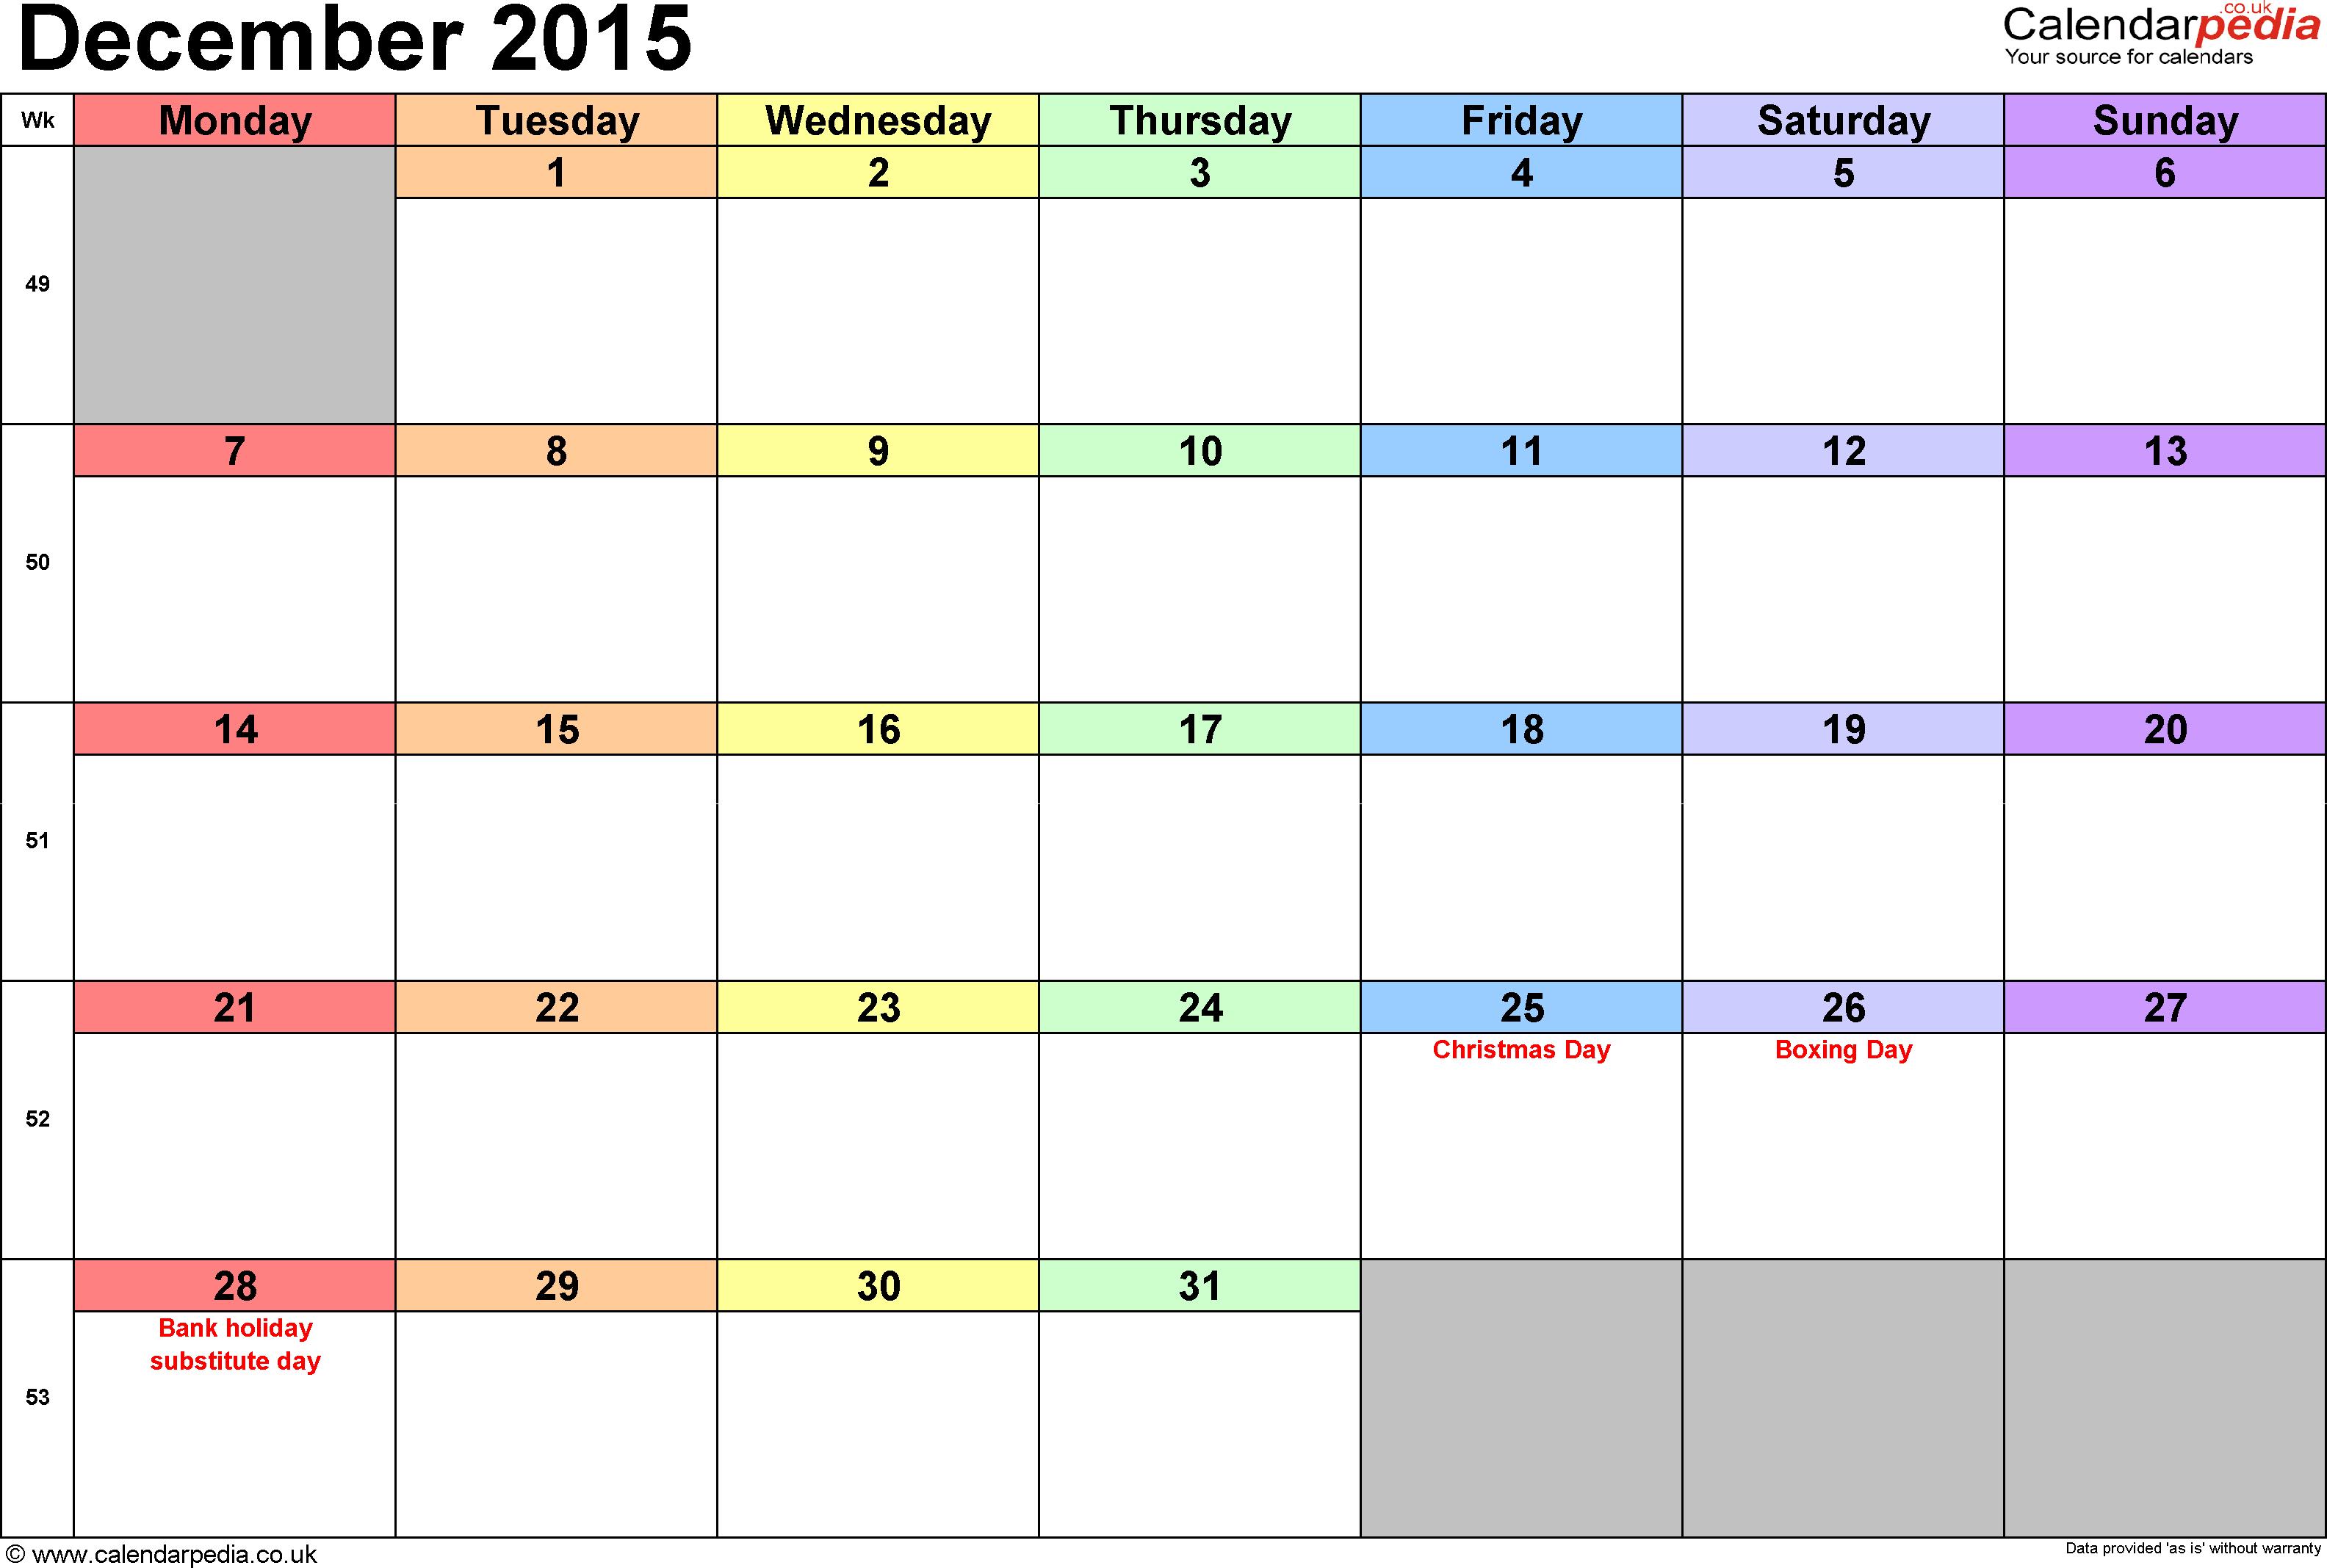 Calendar December 2015 Uk, Bank Holidays, Excel/pdf/word Templates for Calendar Planner Template Excel December